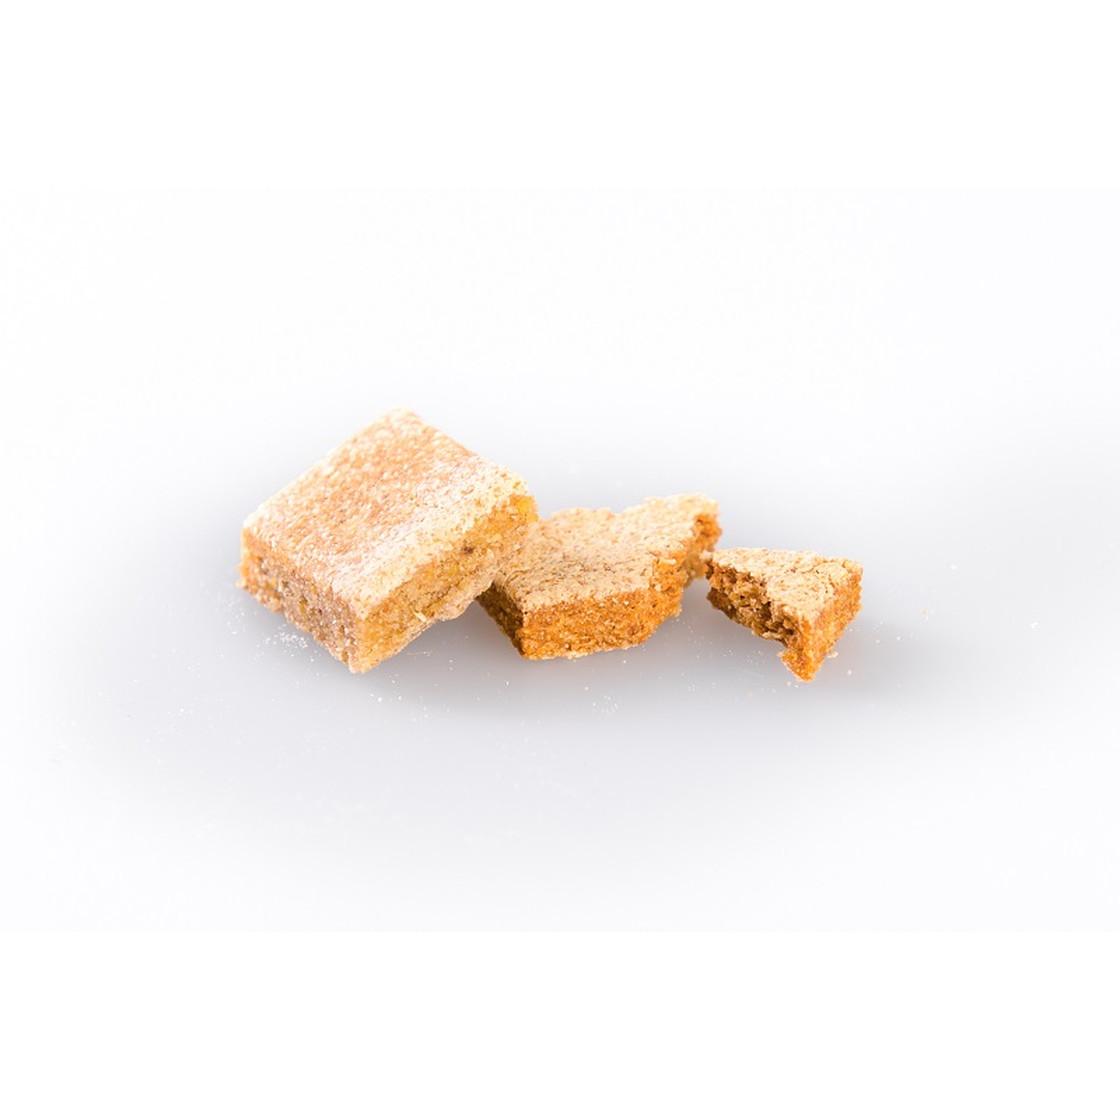 おきにいりクッキー 犬用(Lieblings-Keks)